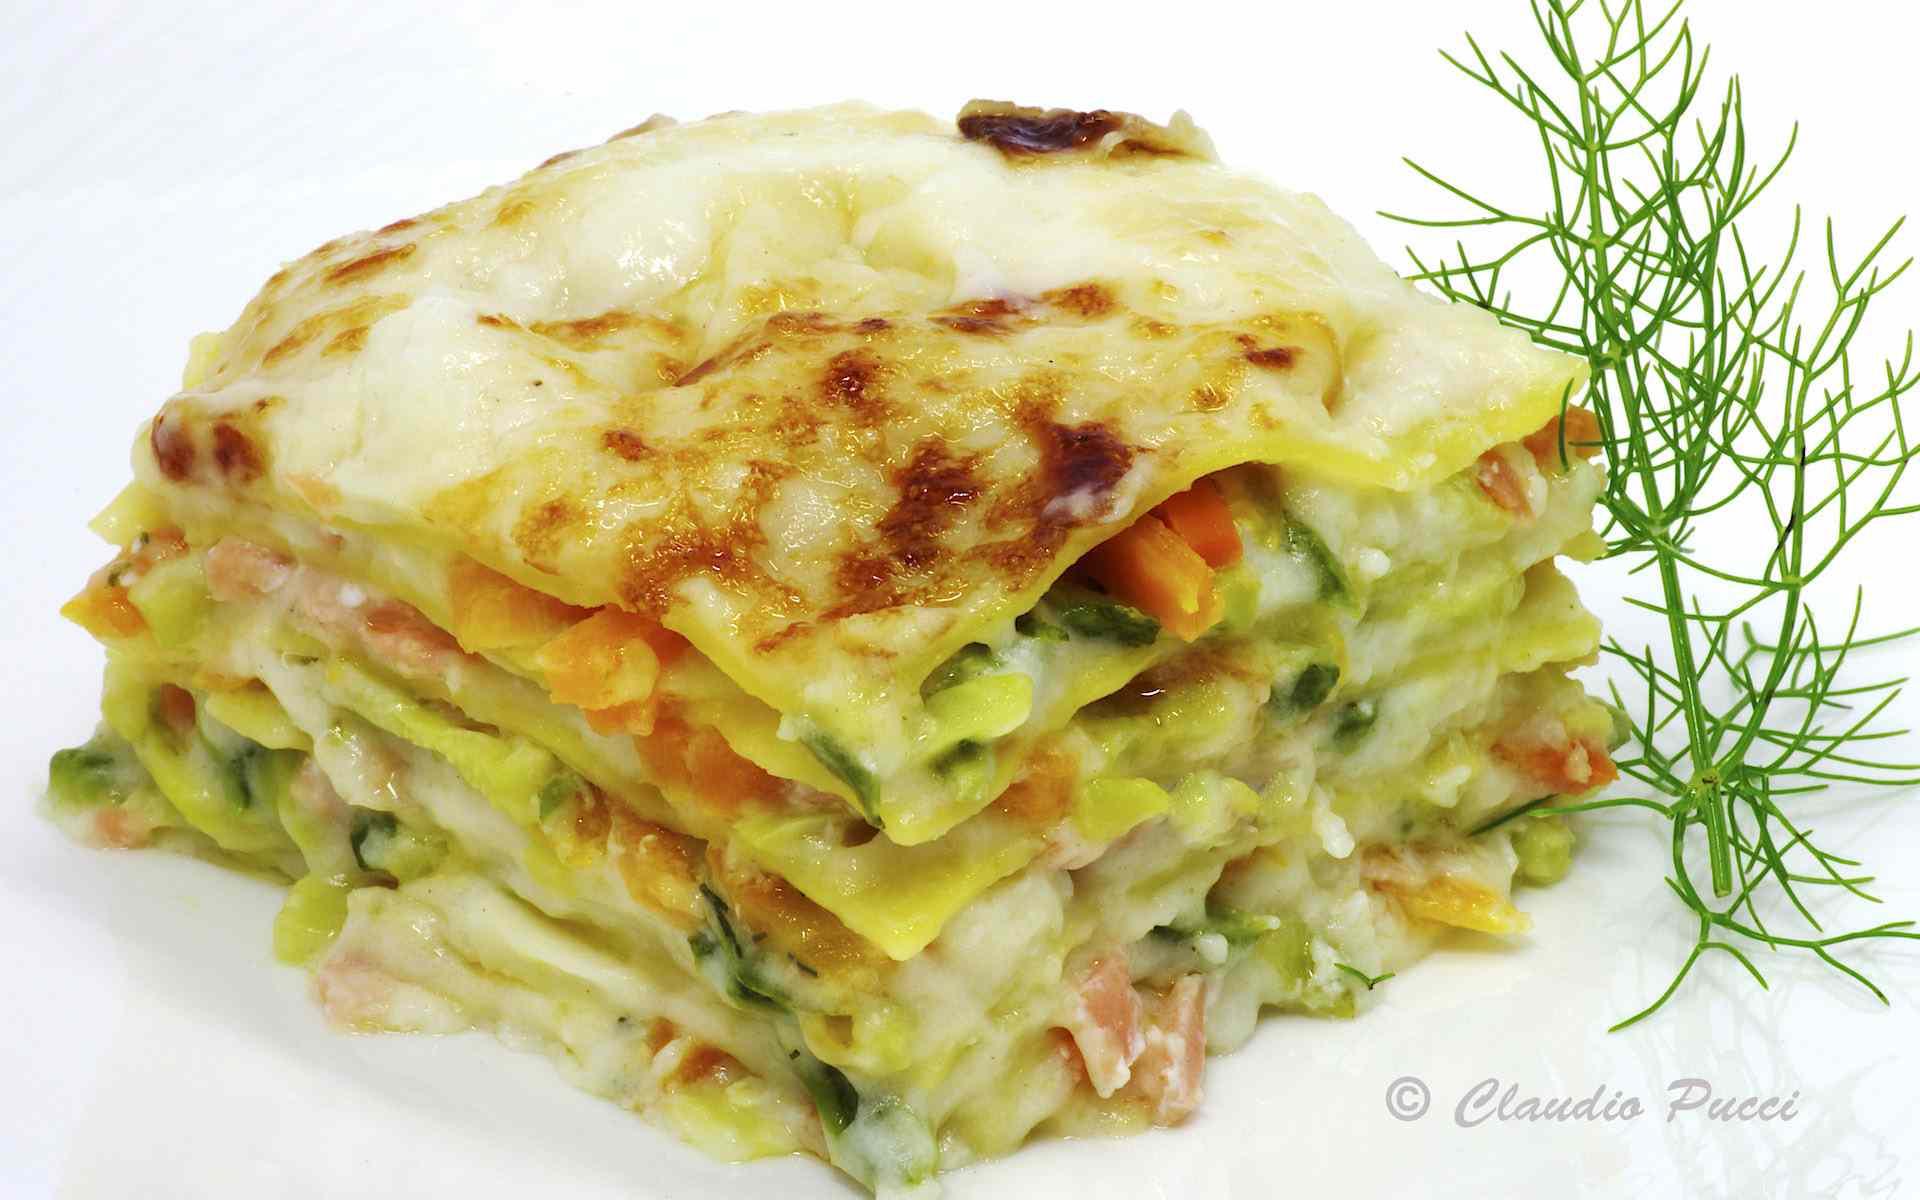 Ricetta: Lasagnette al salmone con verdurine croccanti